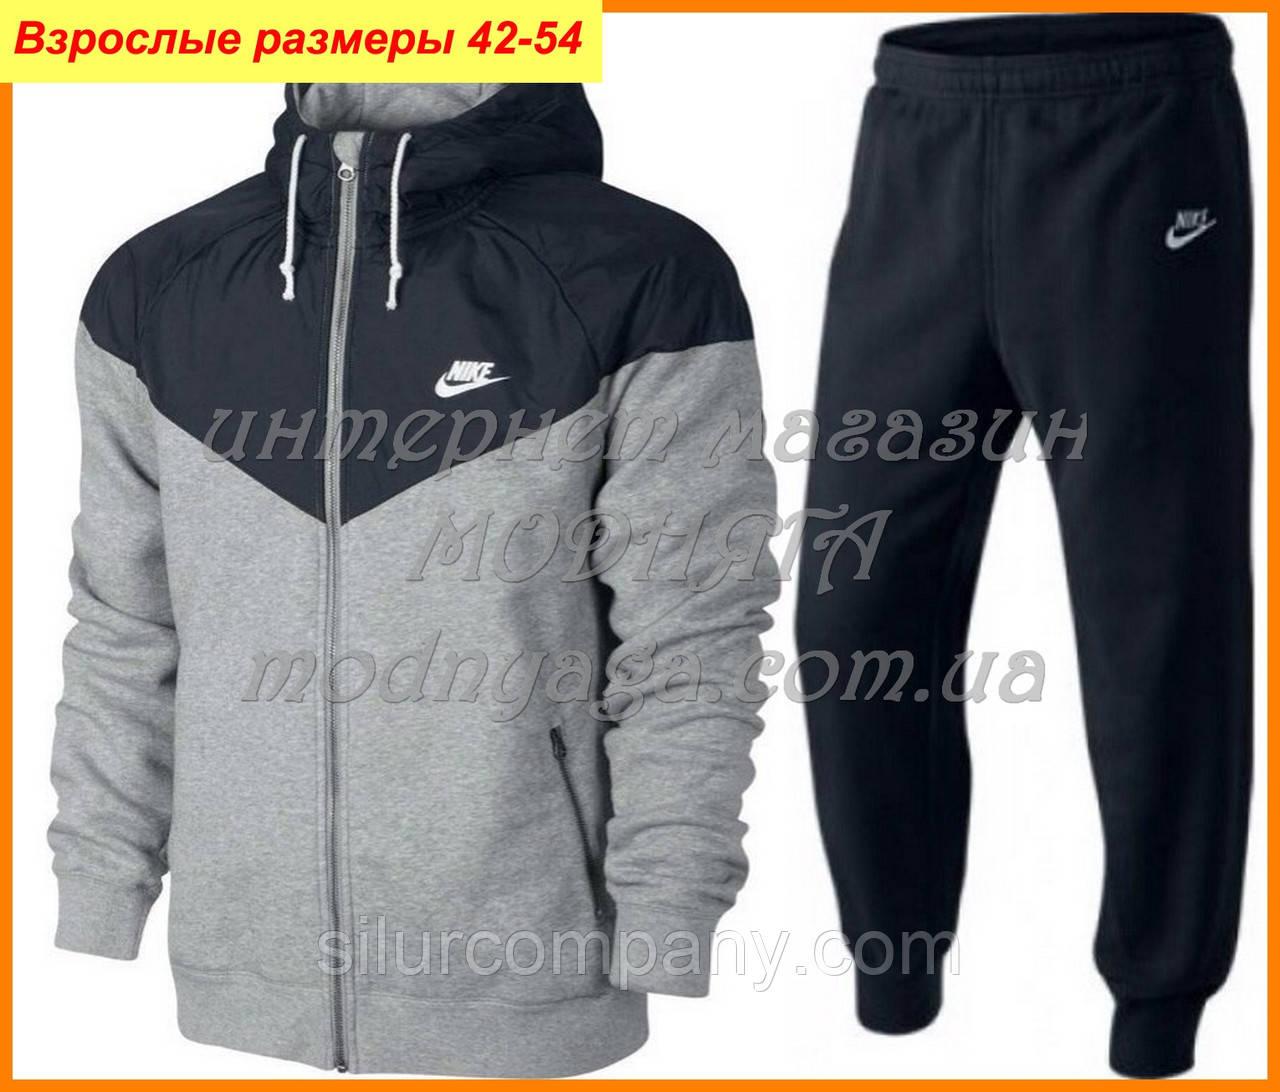 084f564dbb42 Спортивные костюмы найк фото, цена 1 042 грн., купить в Харькове ...